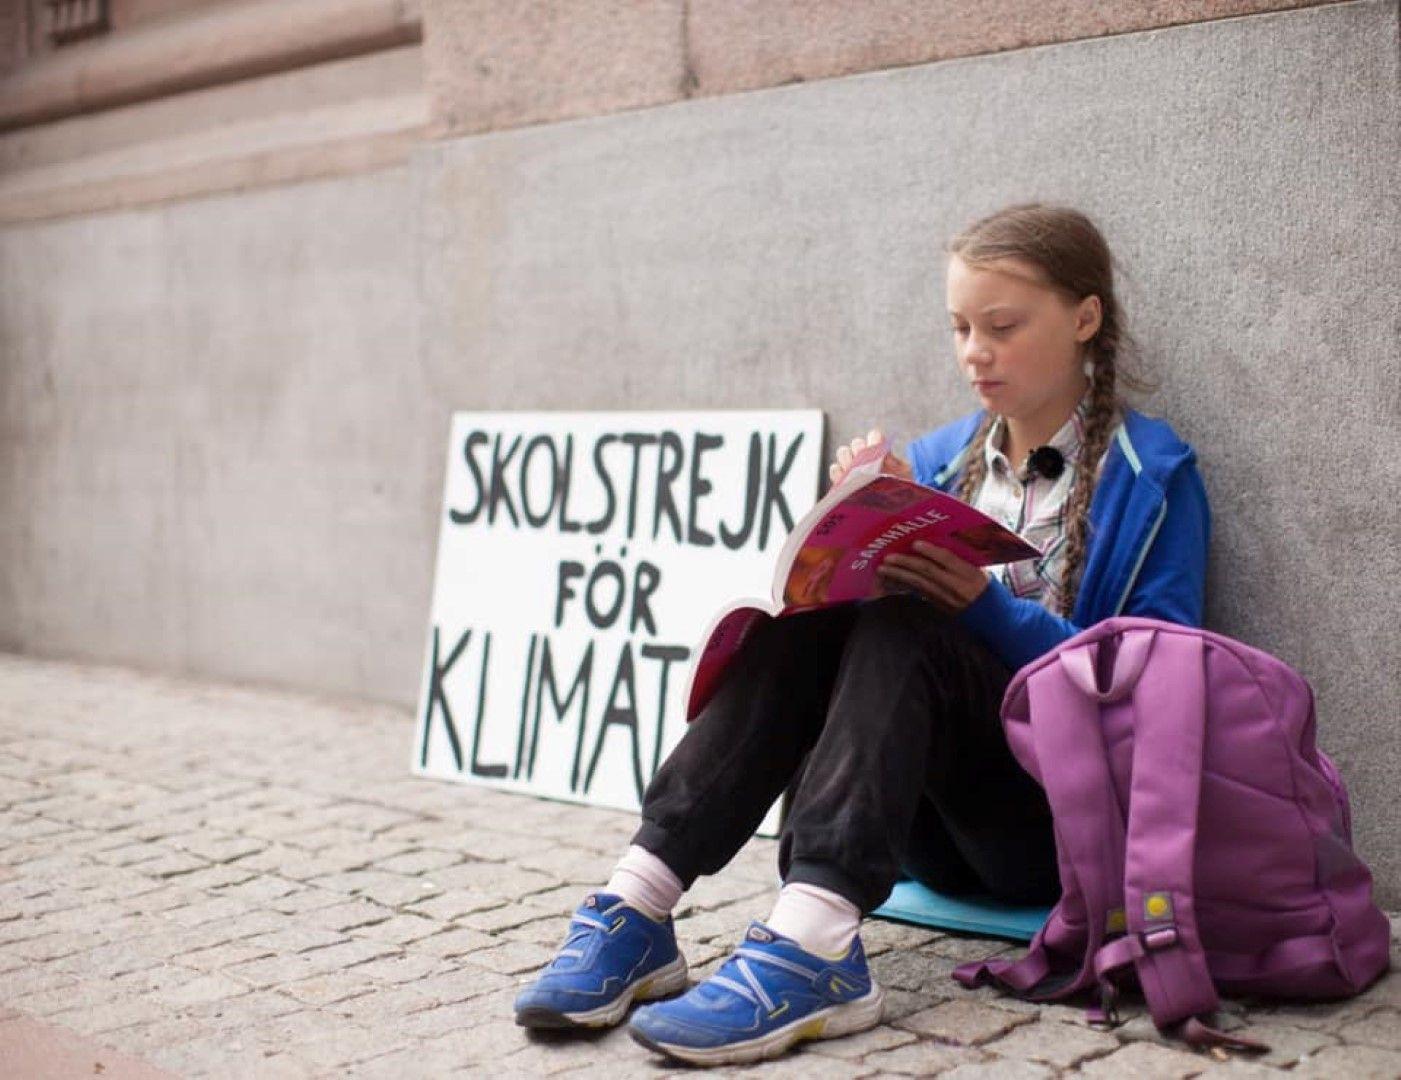 Самотният протест пред парламента в Стокхолм